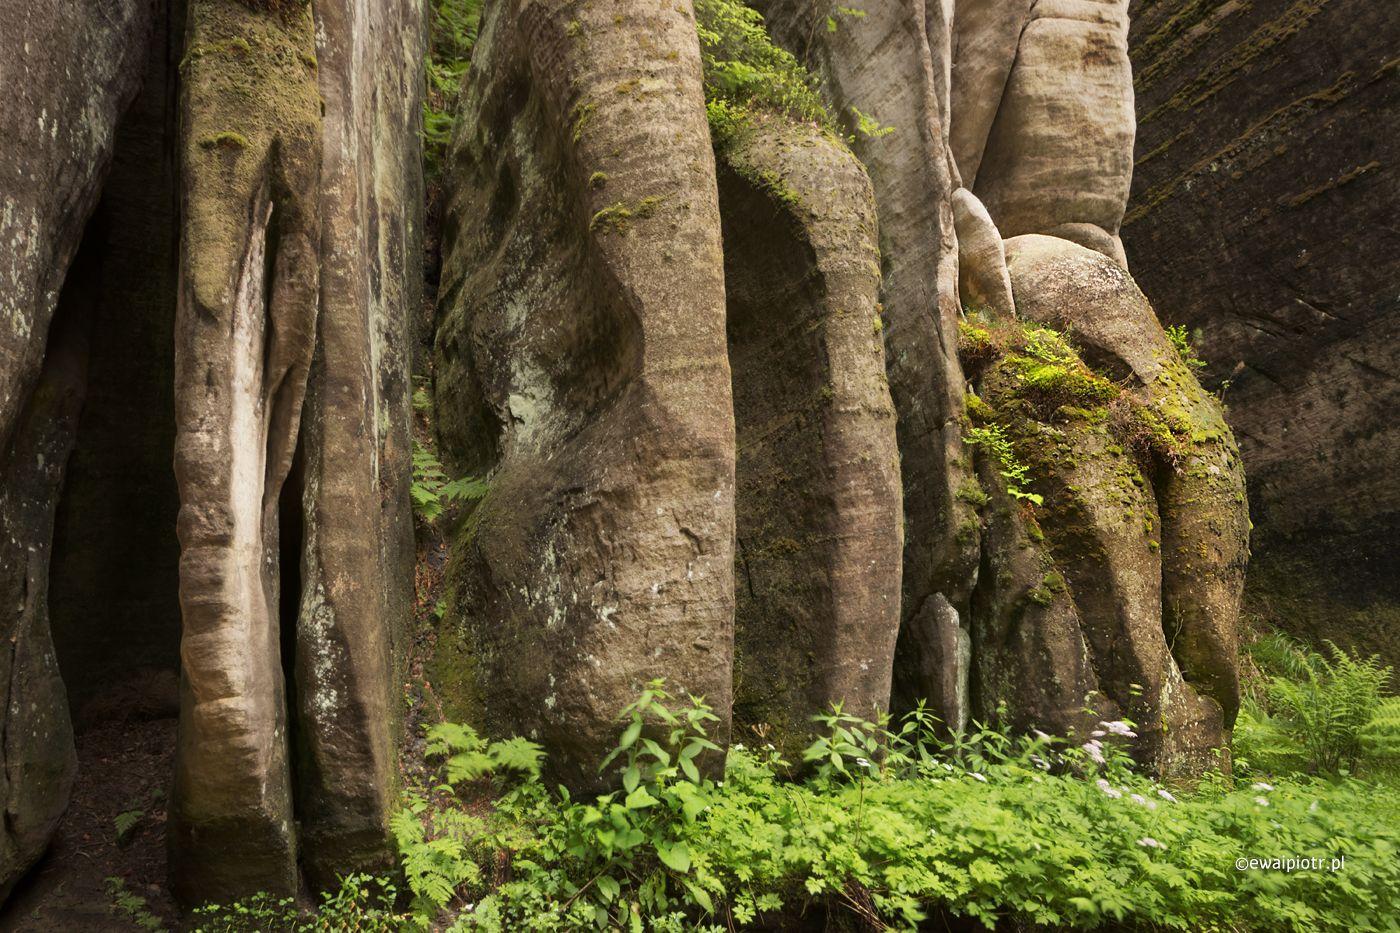 Słoniątko w Adrspachu, Skalne Labirynty